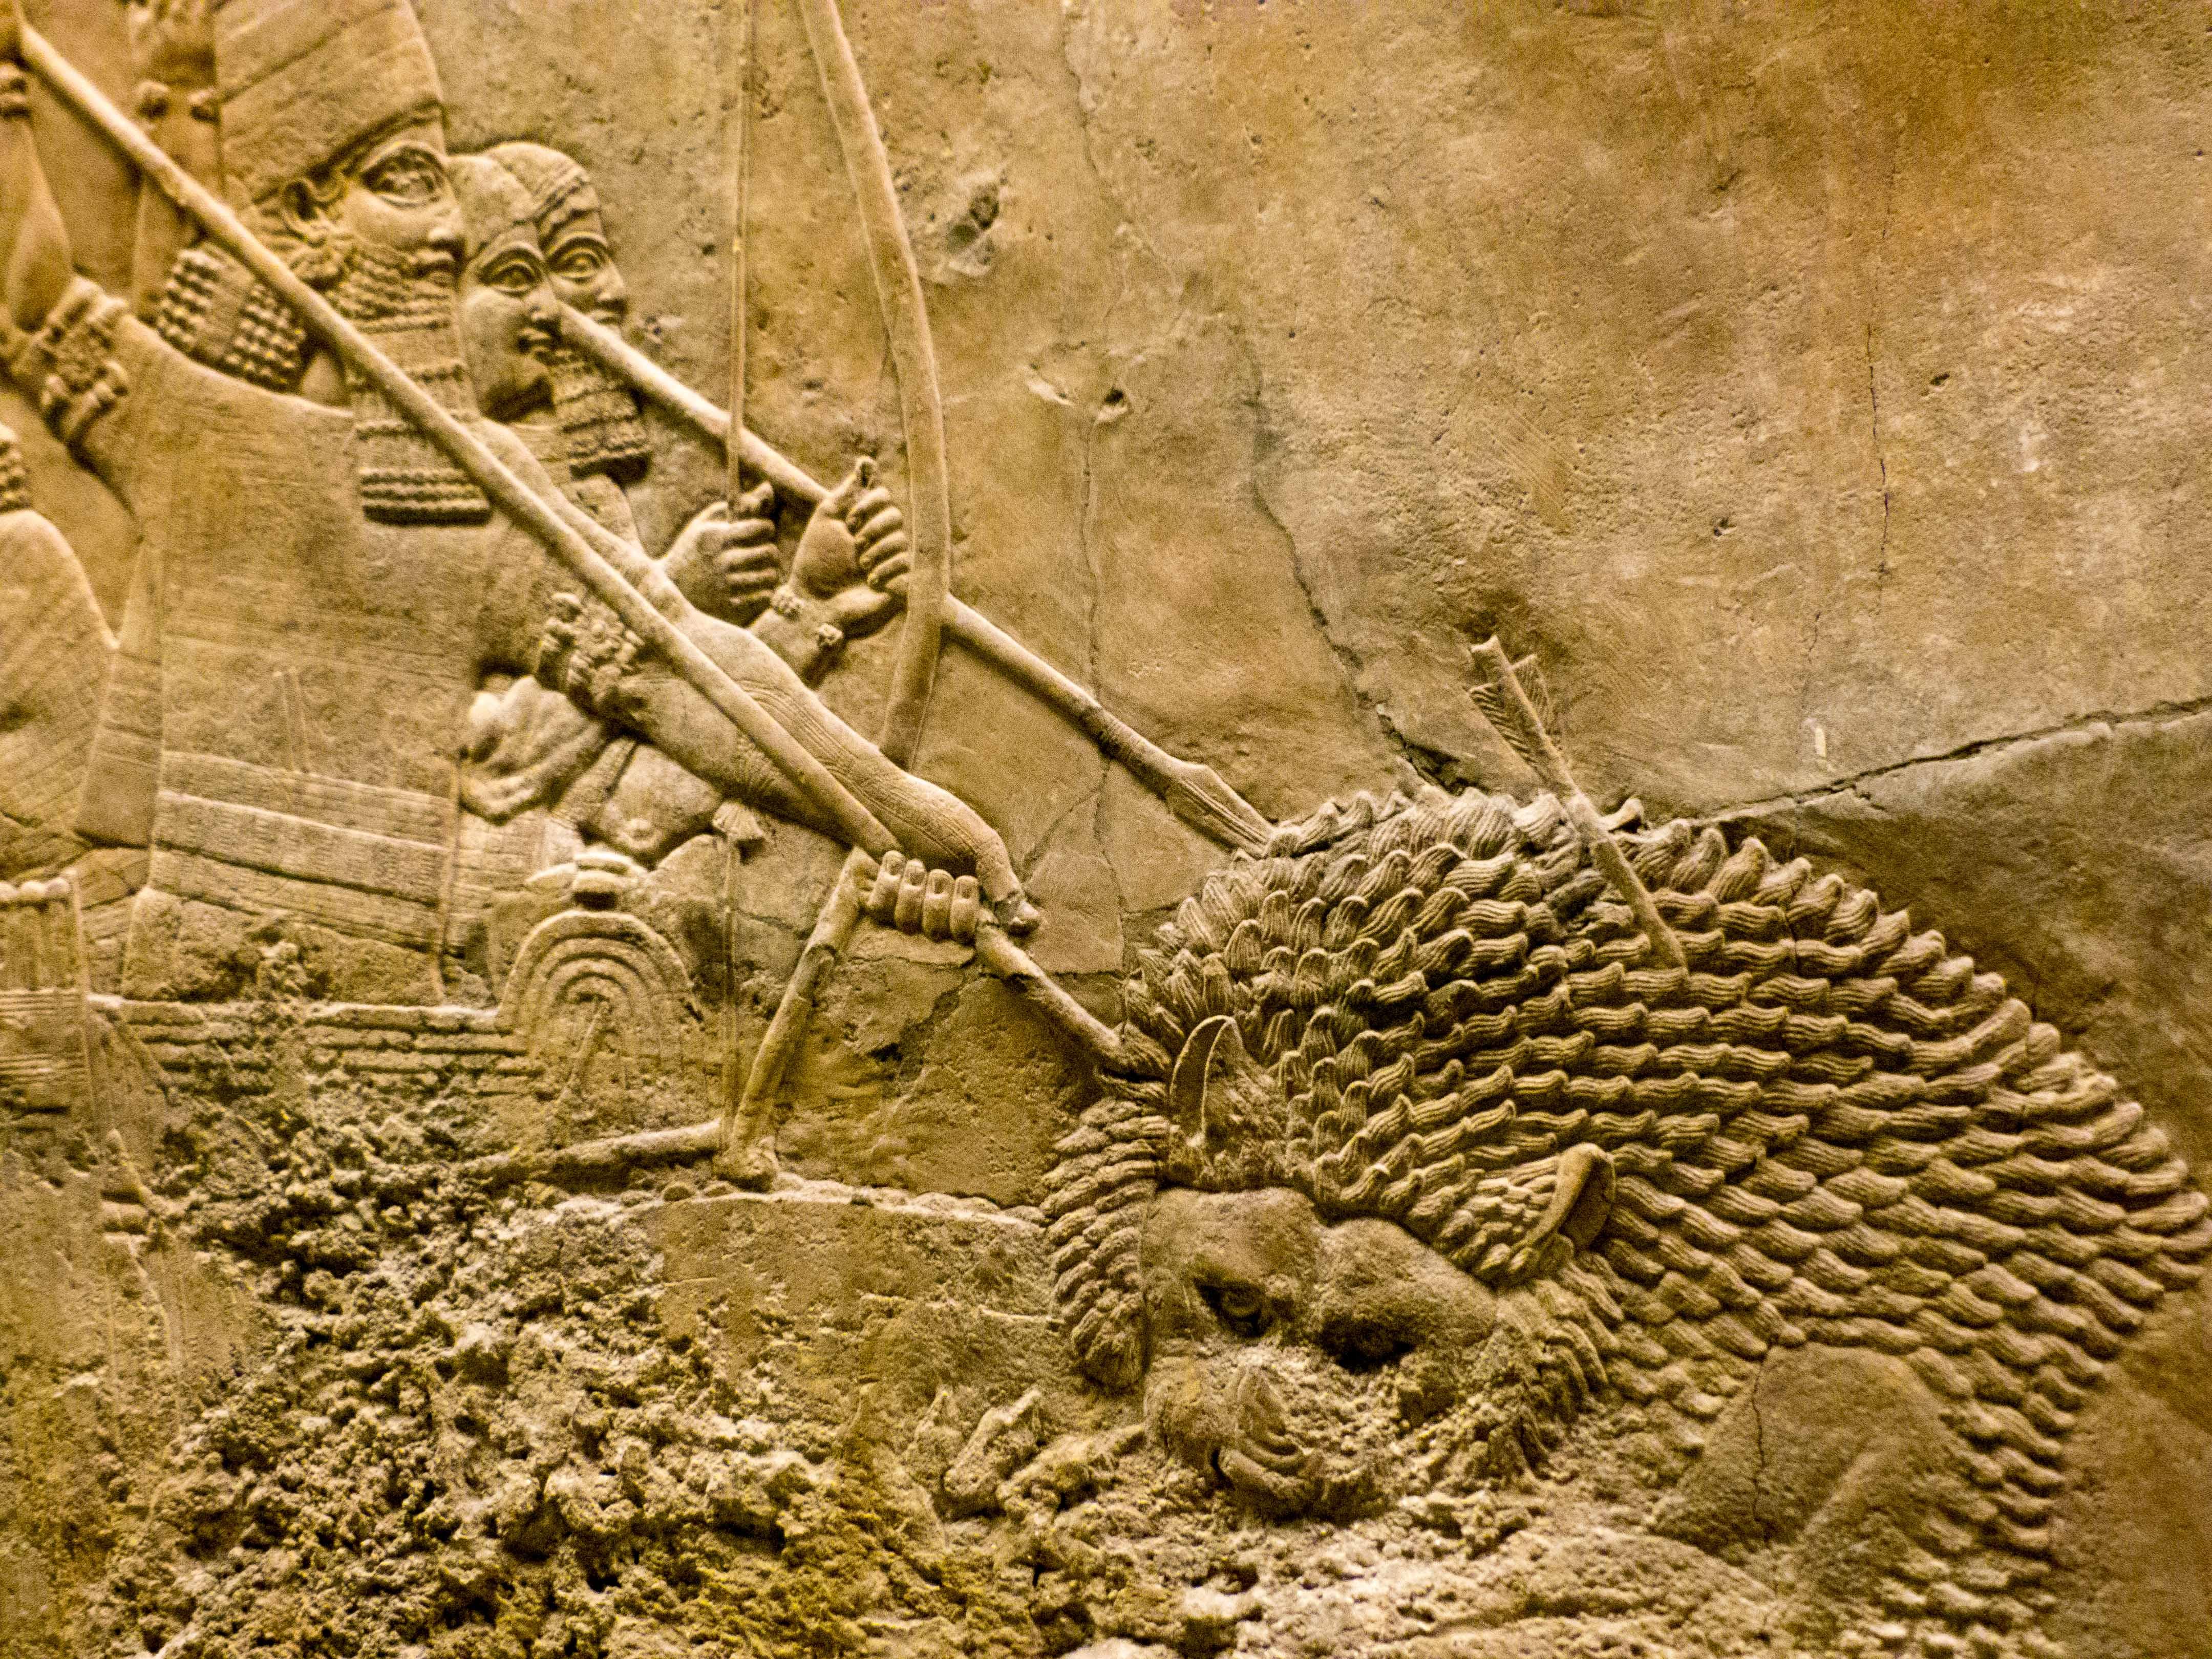 Assyria: Lion Hunts Backgrounds, Compatible - PC, Mobile, Gadgets| 4320x3240 px